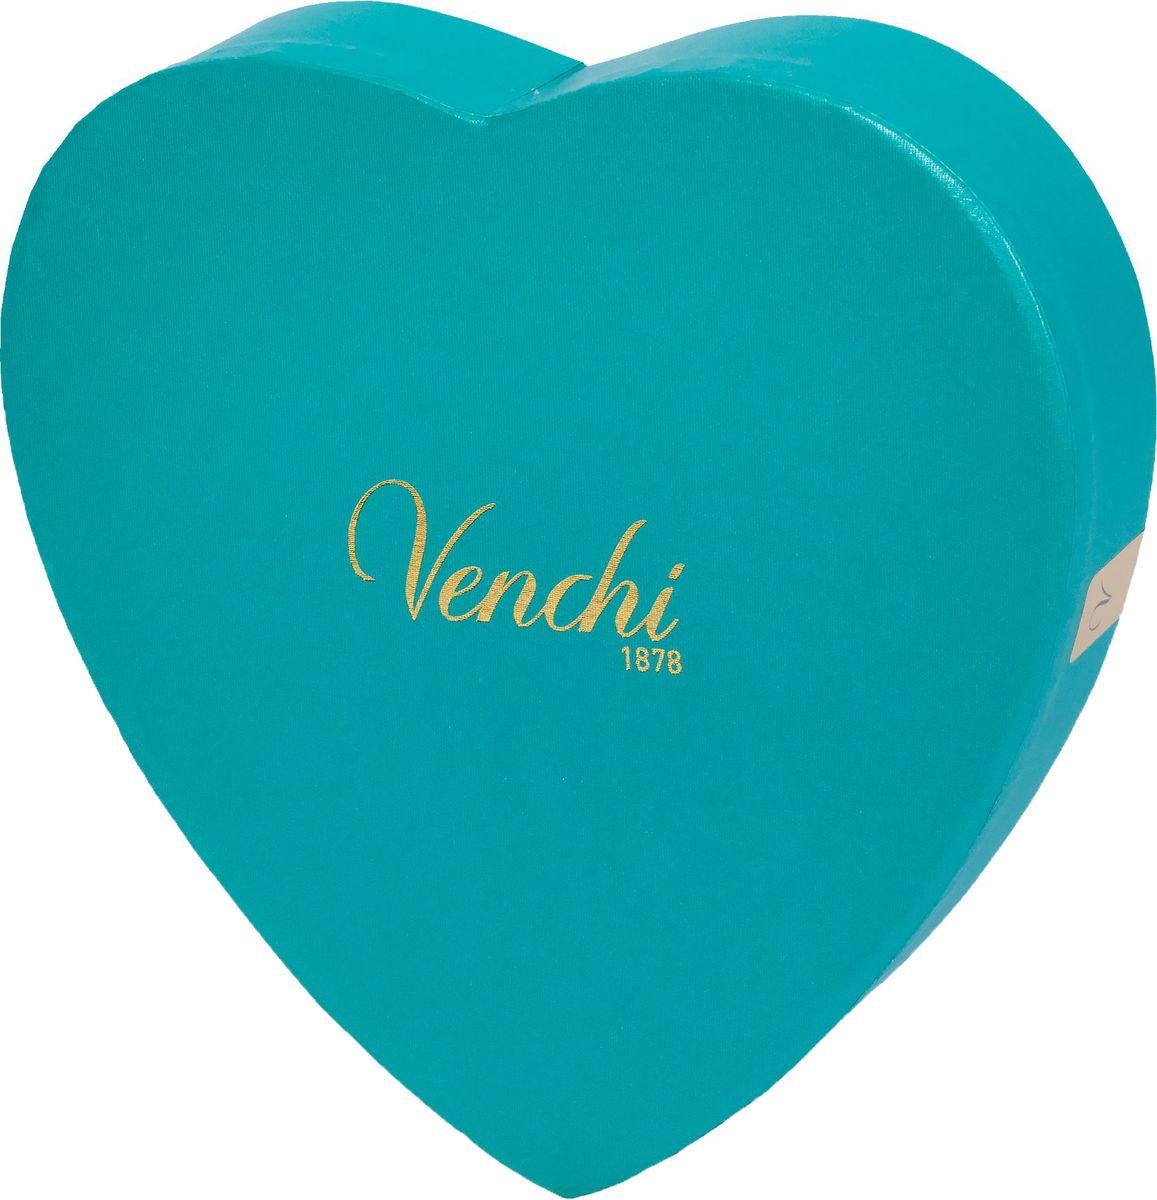 Venchi Romantic Large Heart Gift Box набор шоколадных конфет, 150 г191260Venchi - премиальный итальянский бренд, ведущий свою историю с 1878 года. Venchi является одним из самых популярных шоколадных брендов как в самой Италии, так и во всем мире. Шоколадные конфеты ассорти Venchi Large Heart Gift Box - набор шоколадных конфет из горького шоколада в элегантной подарочной коробке-сердце от итальянского производителя Venchi (Пьемонт, Италия).Ассорти включают двухслойные конфеты в форме сердечек, сочетающие сладость белого шоколада с ароматической интенсивностью темного шоколада, и шоколадные конфеты Cremini, изготовленные из мягкого трехслойного темного шоколада джандуйя. Конфеты Large Heart идеально подходят в качестве подарка для кого-то особенного.